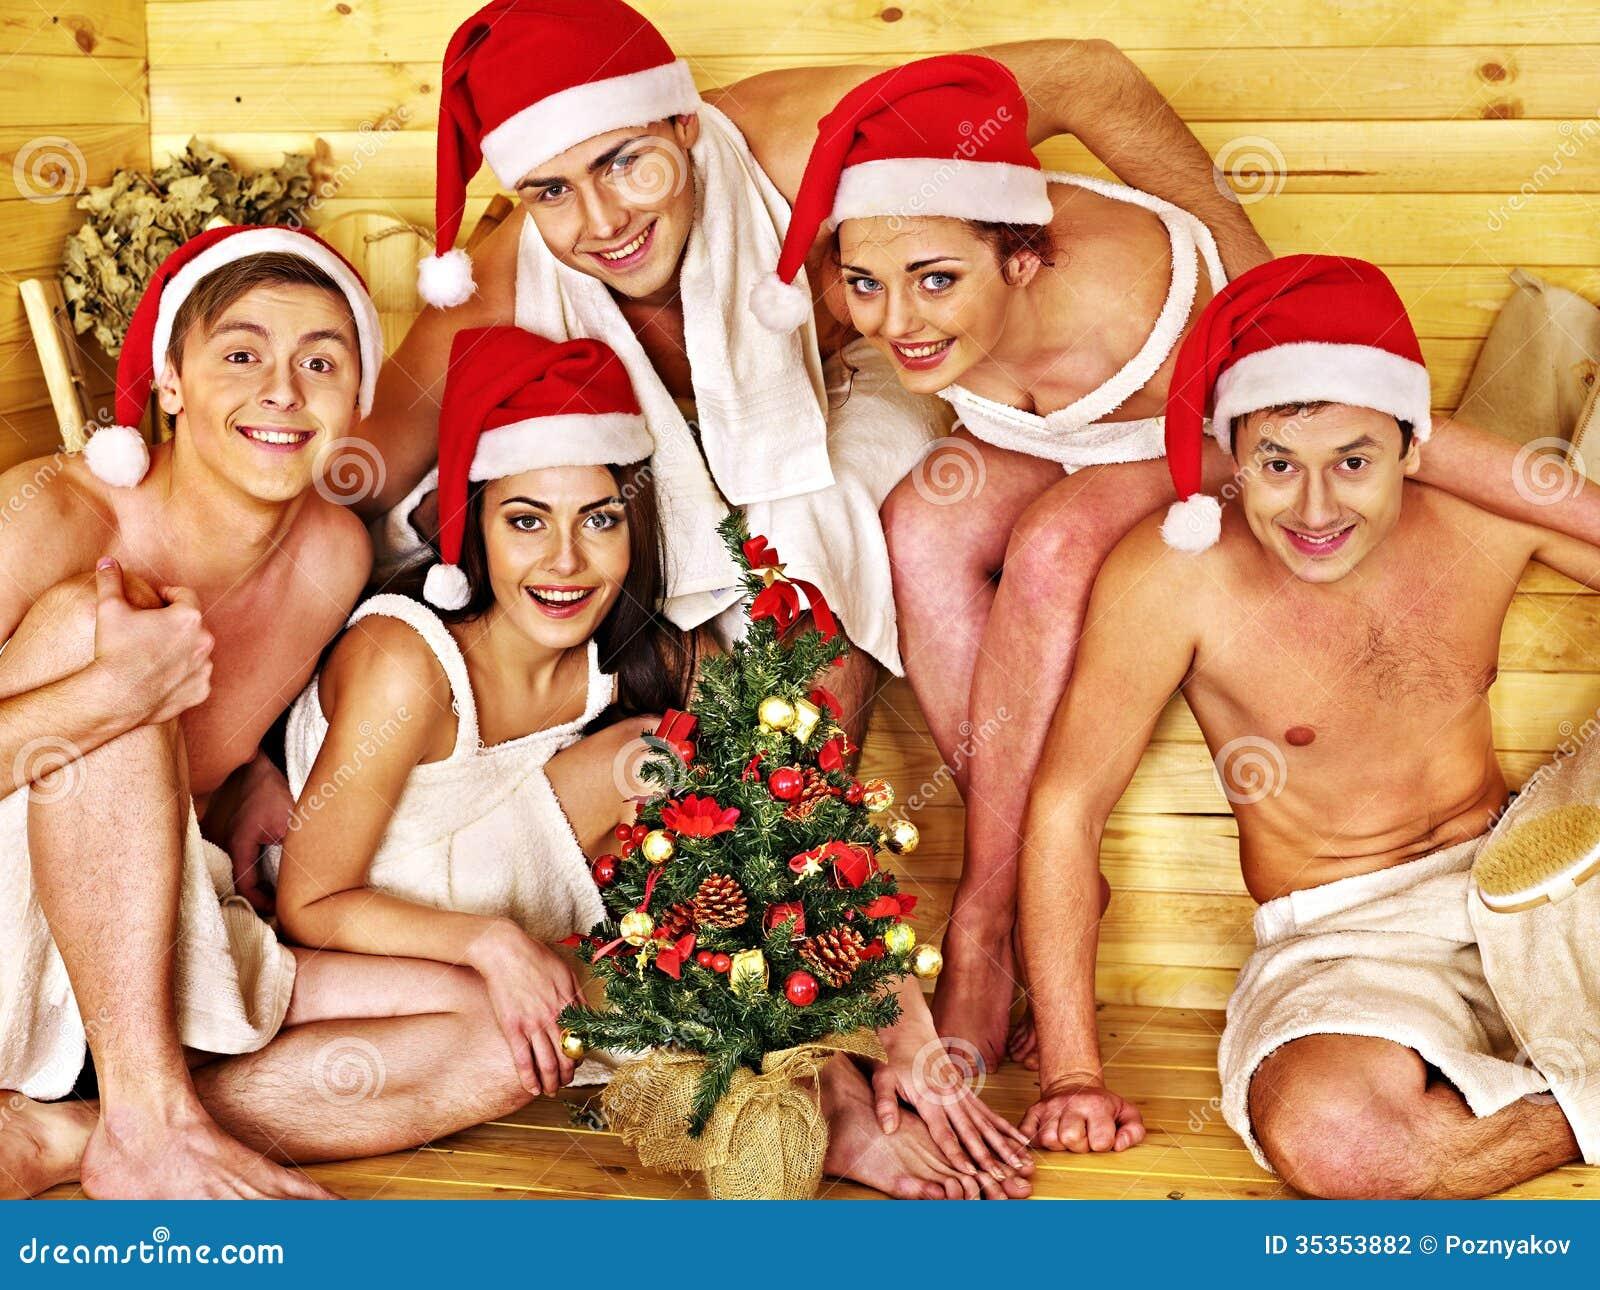 Кто отмечал новый год в сауне